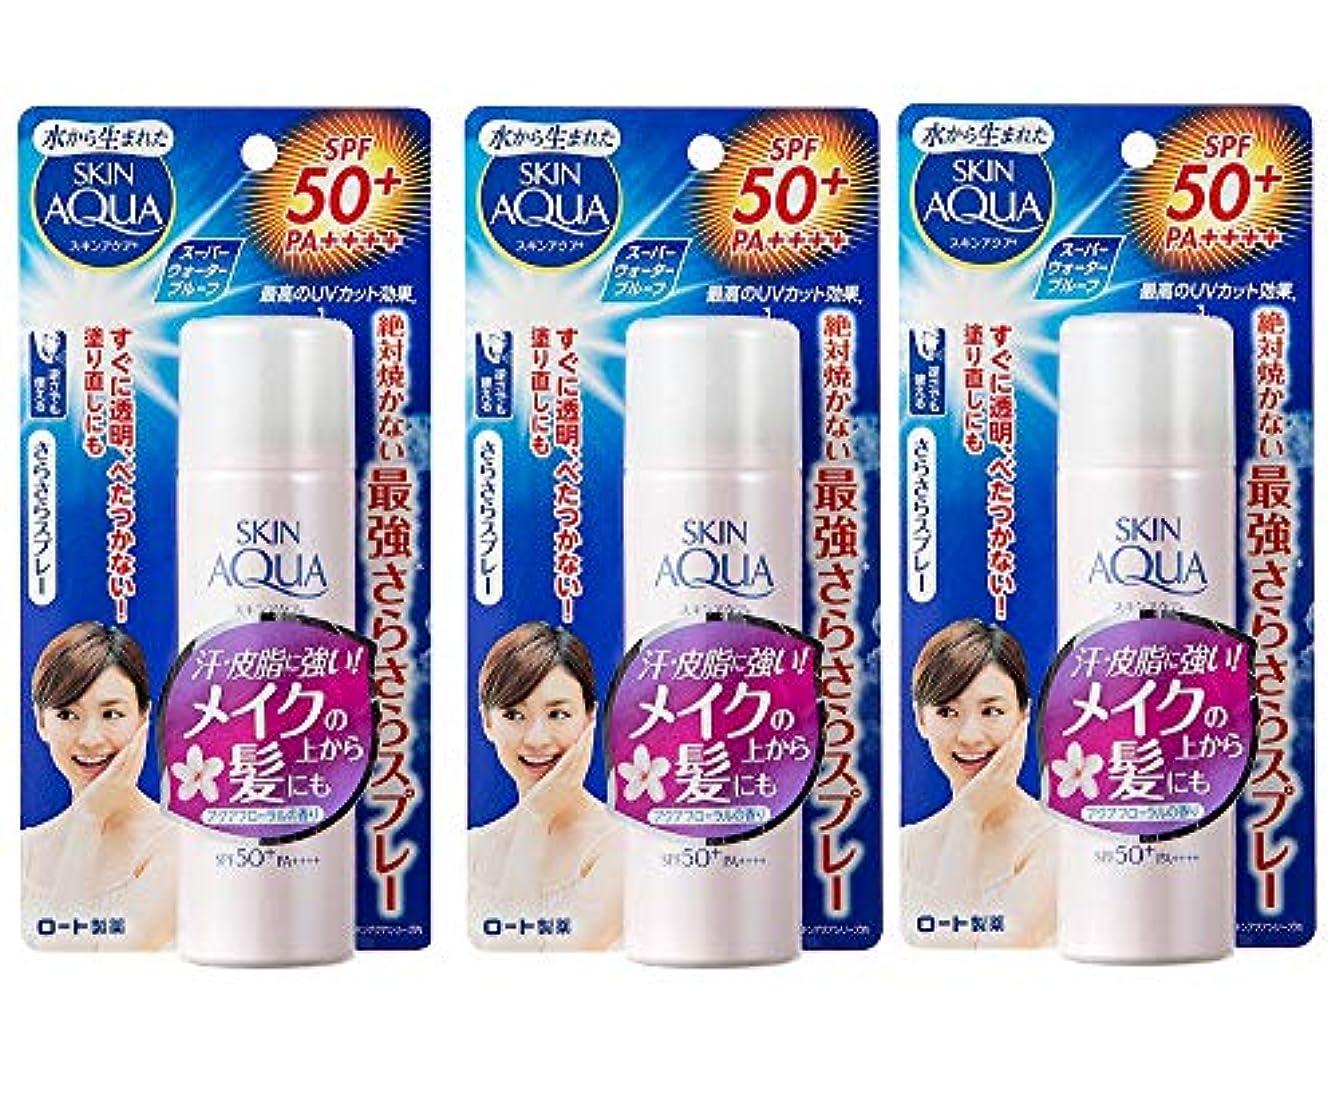 平衡教育するロードブロッキング(ロート)スキンアクア サラフィットUV さらさらスプレー(SPF50+/PA++++)アクアフローラルの香り50g(お買い得3個セット)